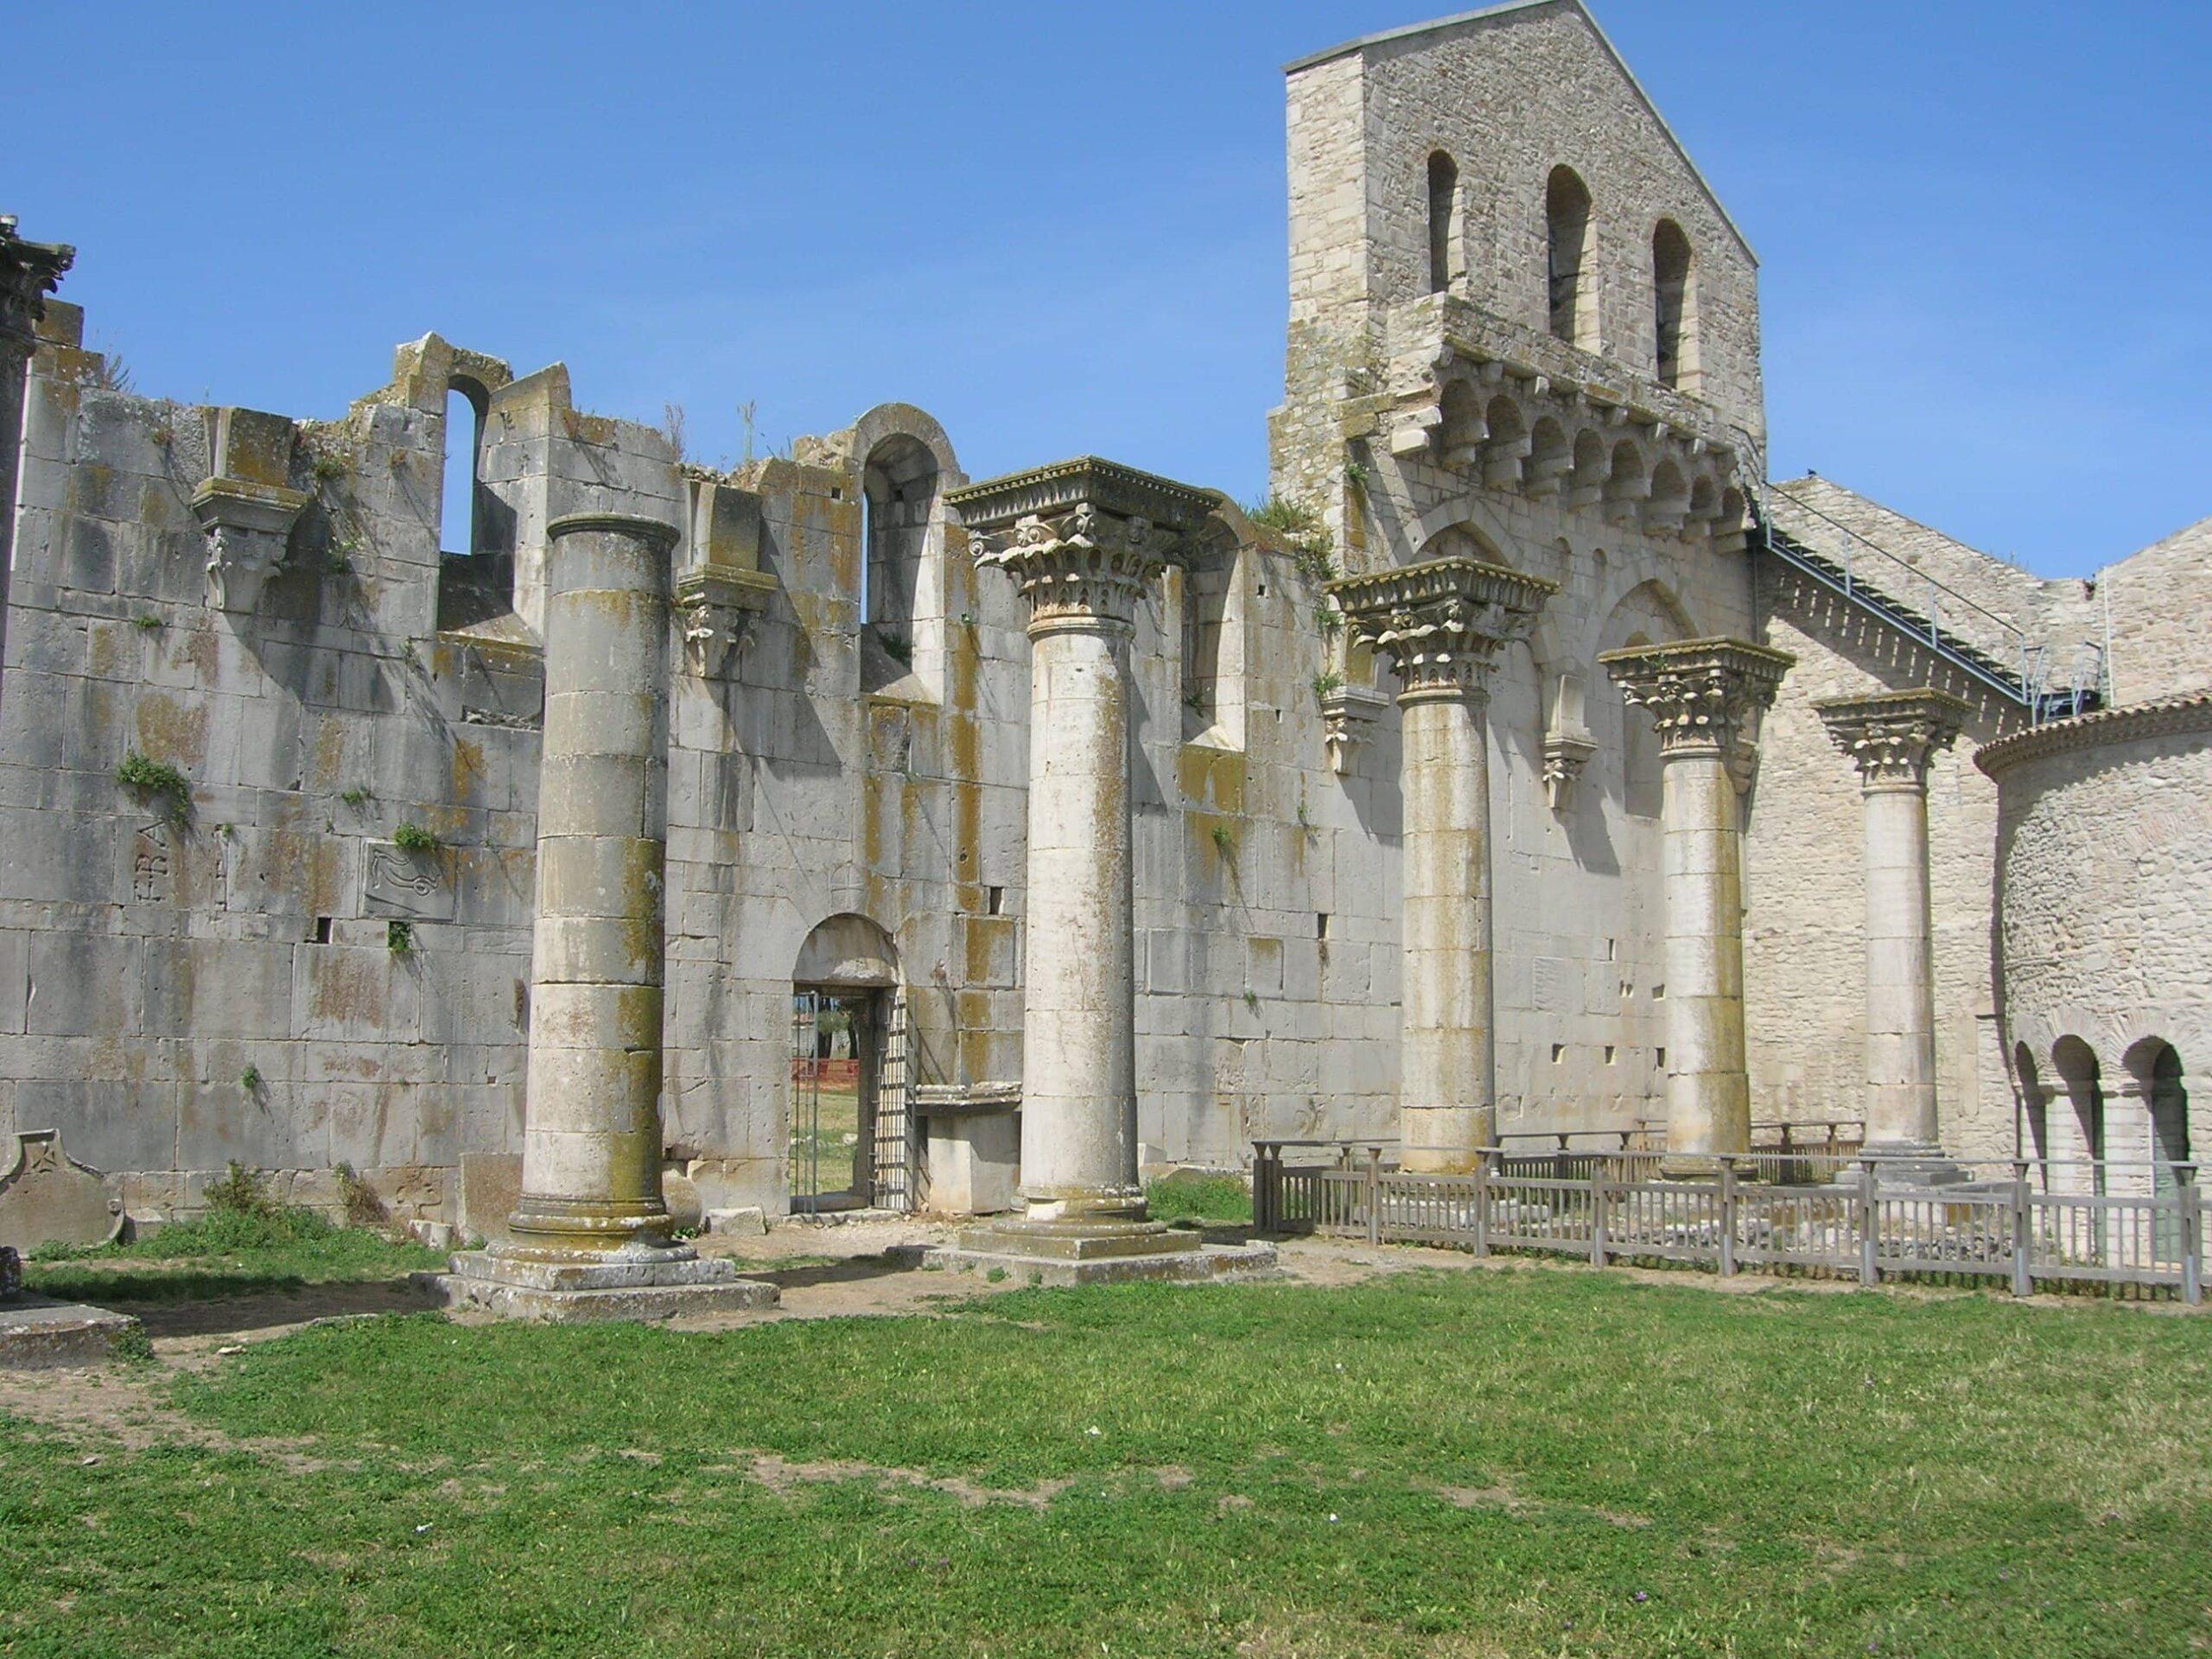 I 10 luoghi più belli della Basilicata raccontati dal Touring Club Italiano